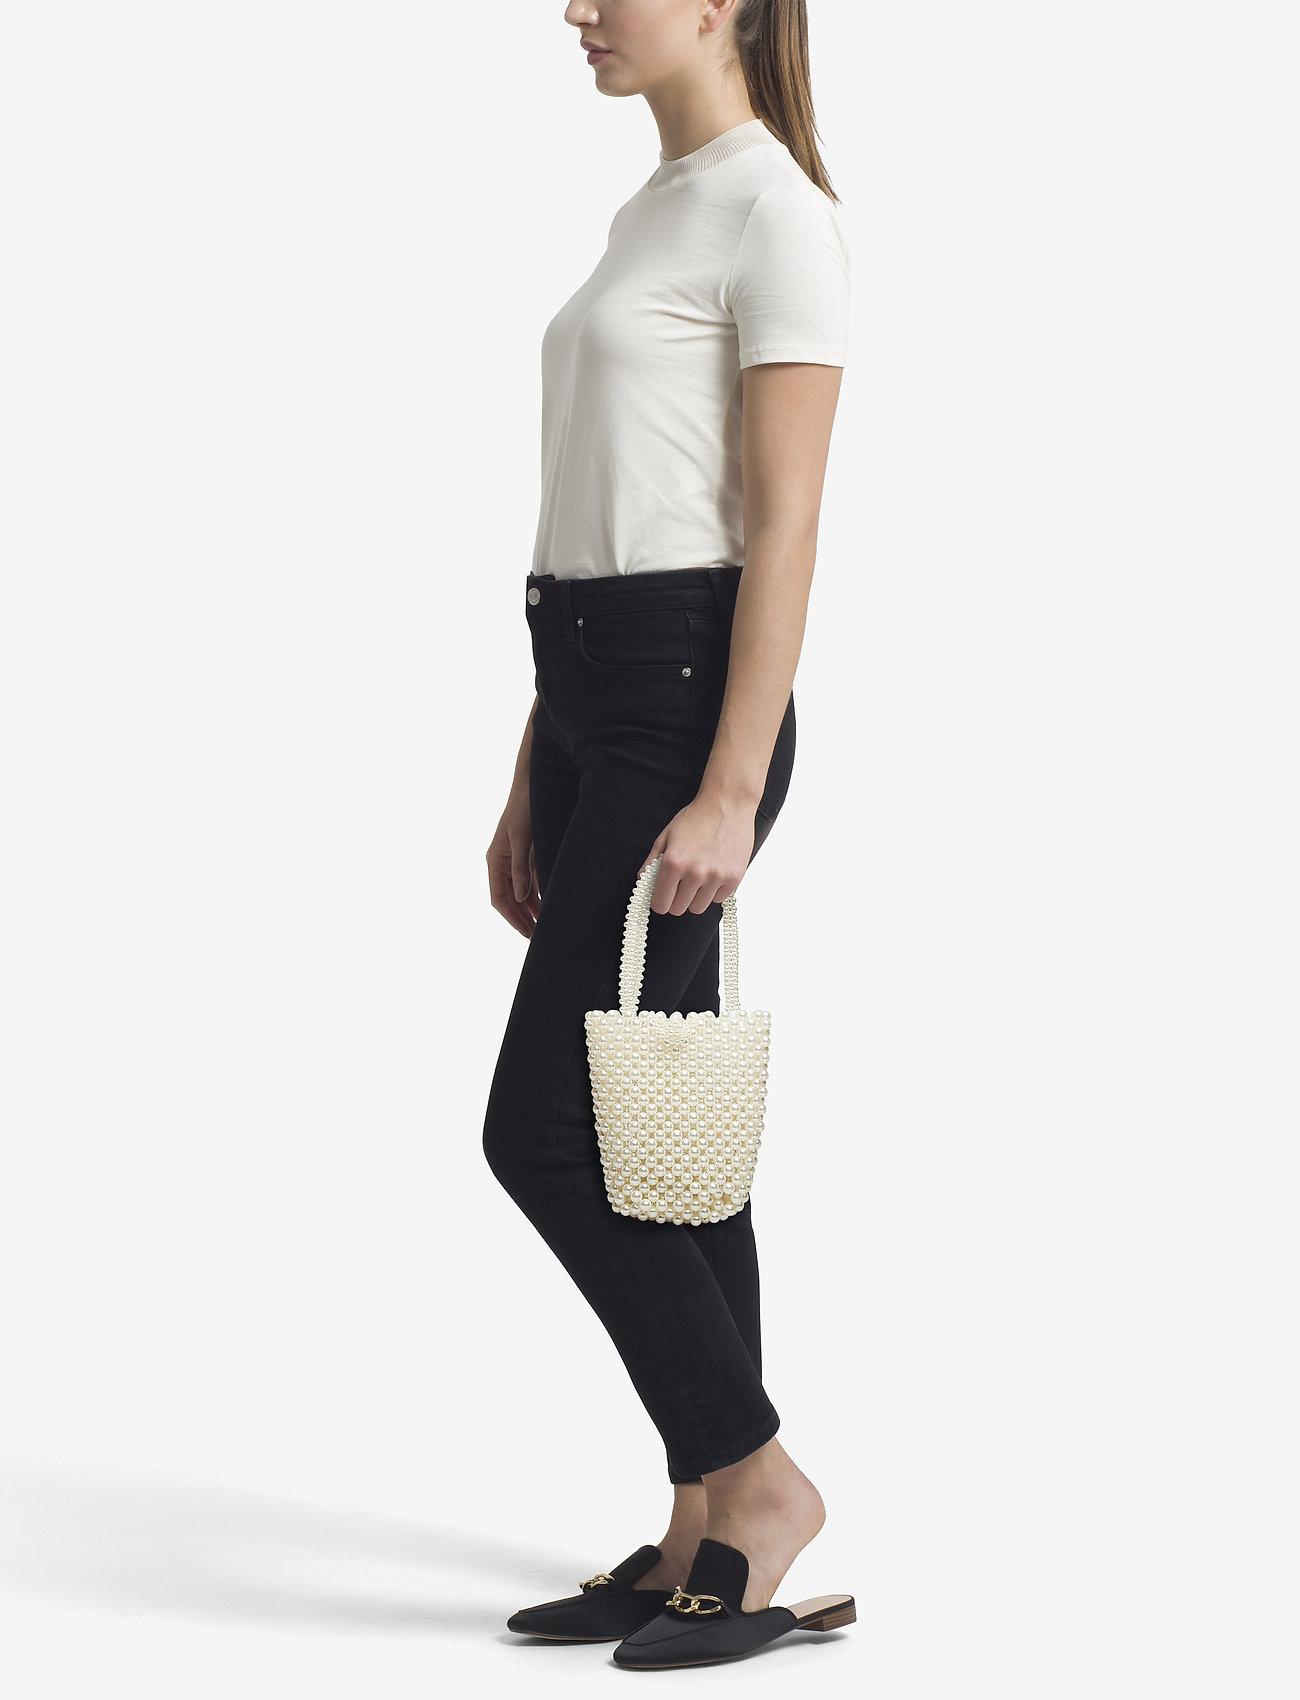 Résumé Noho bag - NATURE